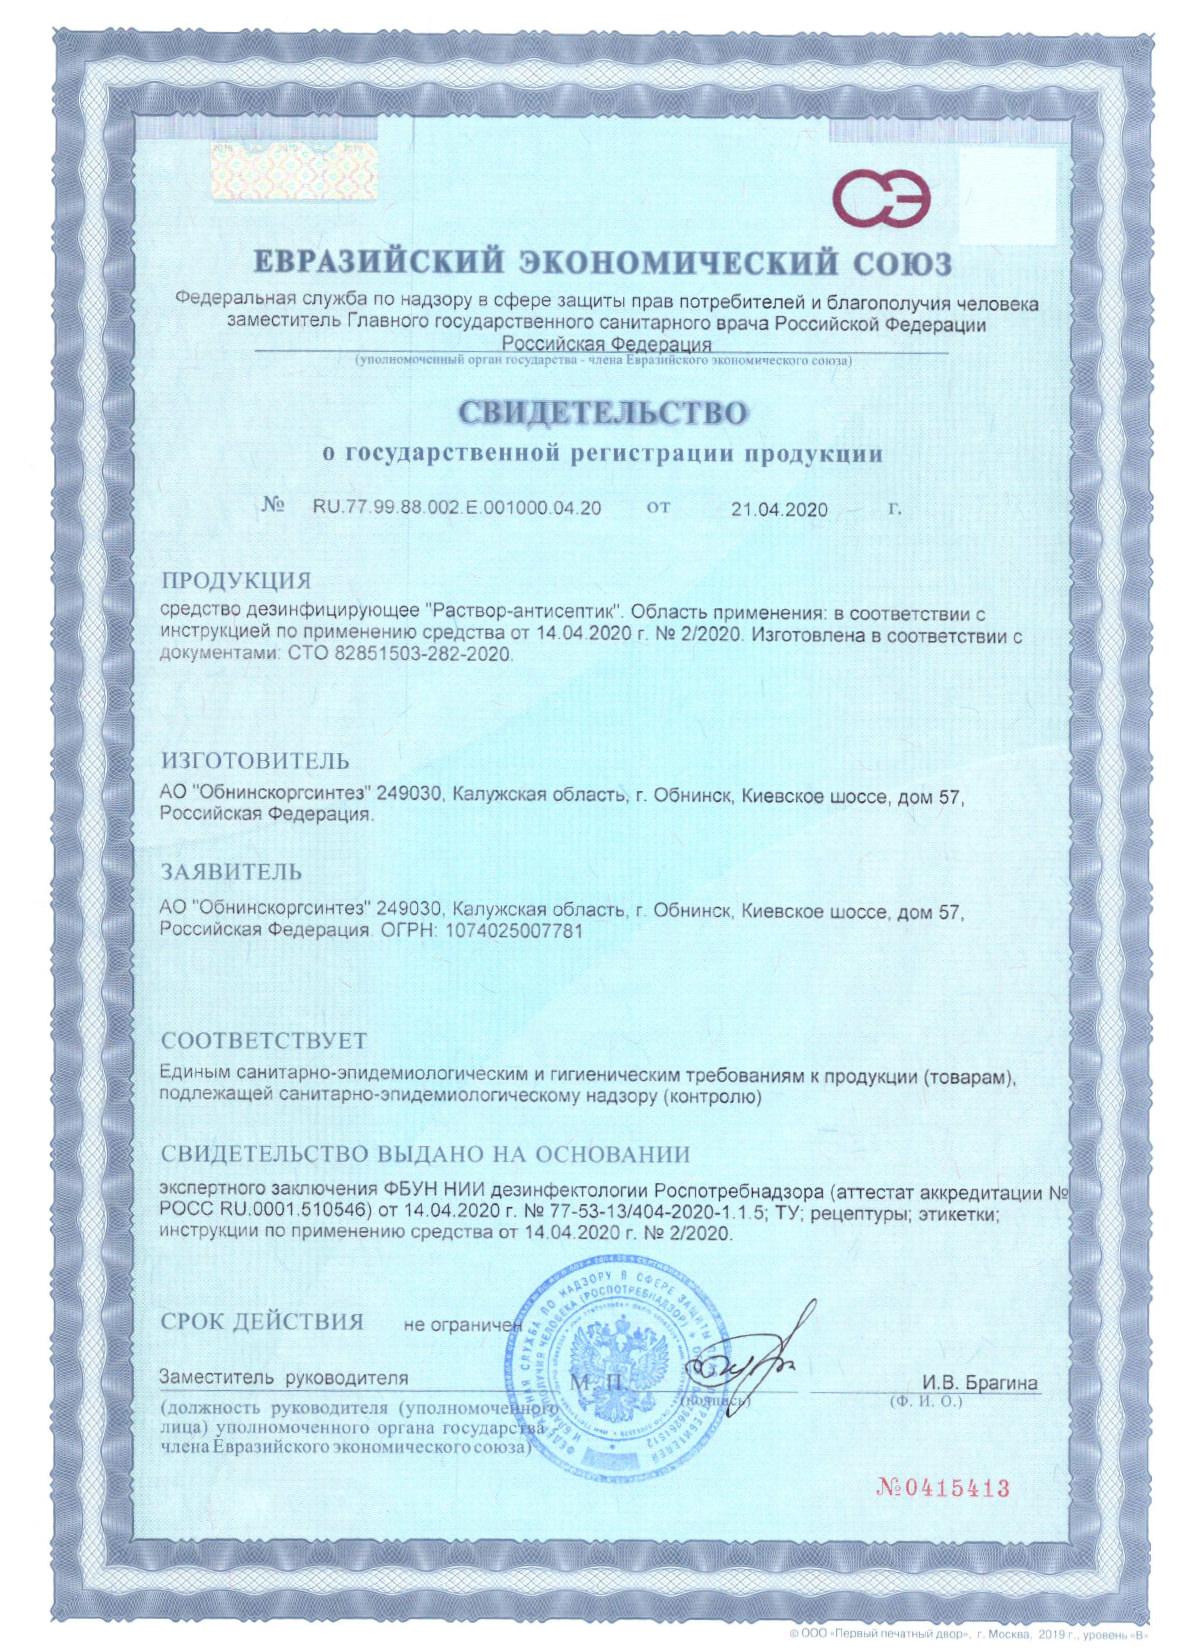 Свидетельство о государственной регистрации Bestol (раствор)